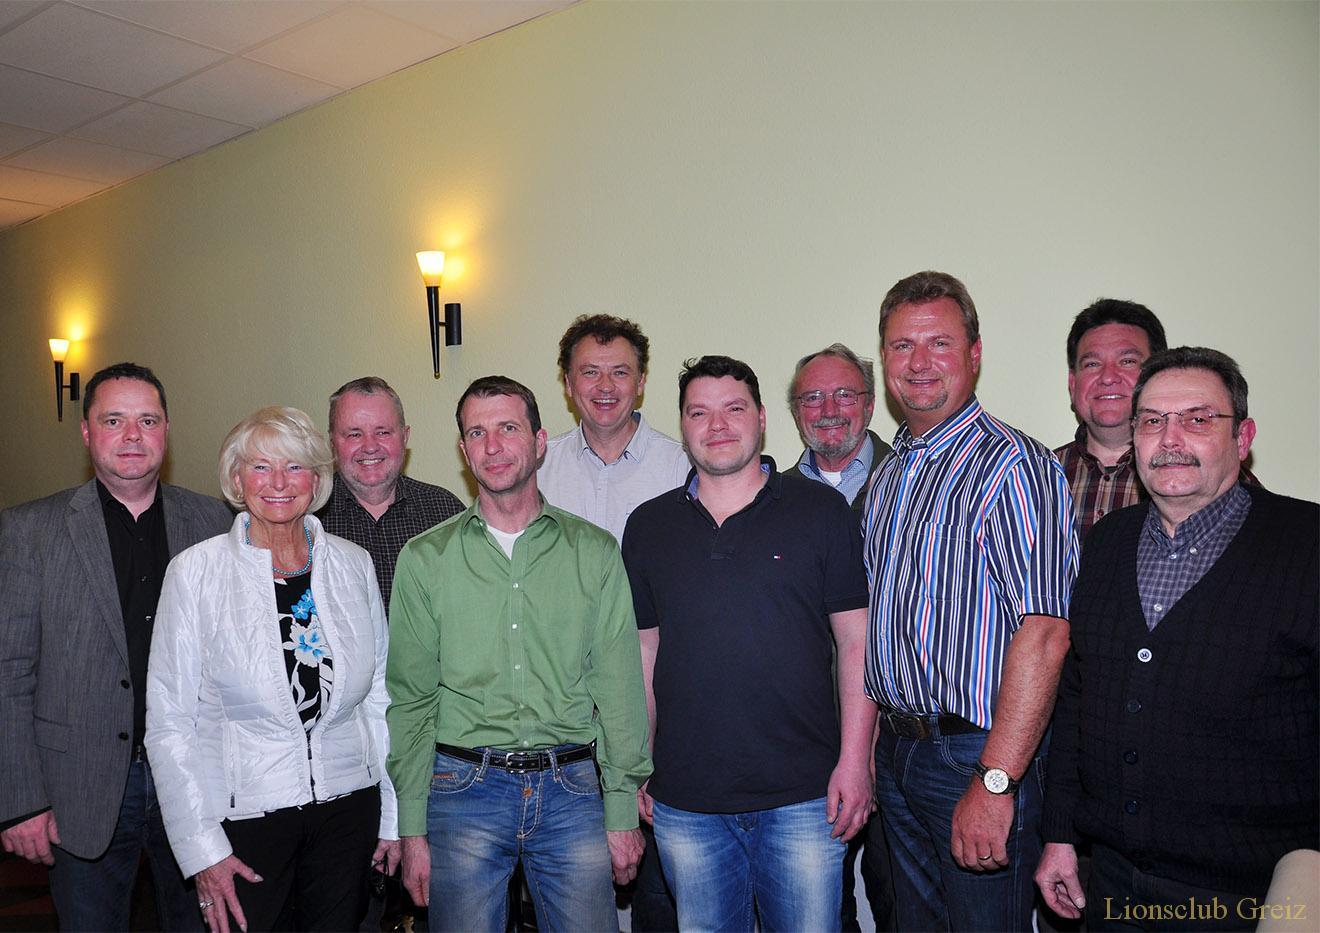 Lions Club Greiz wählte neuen Vorstand